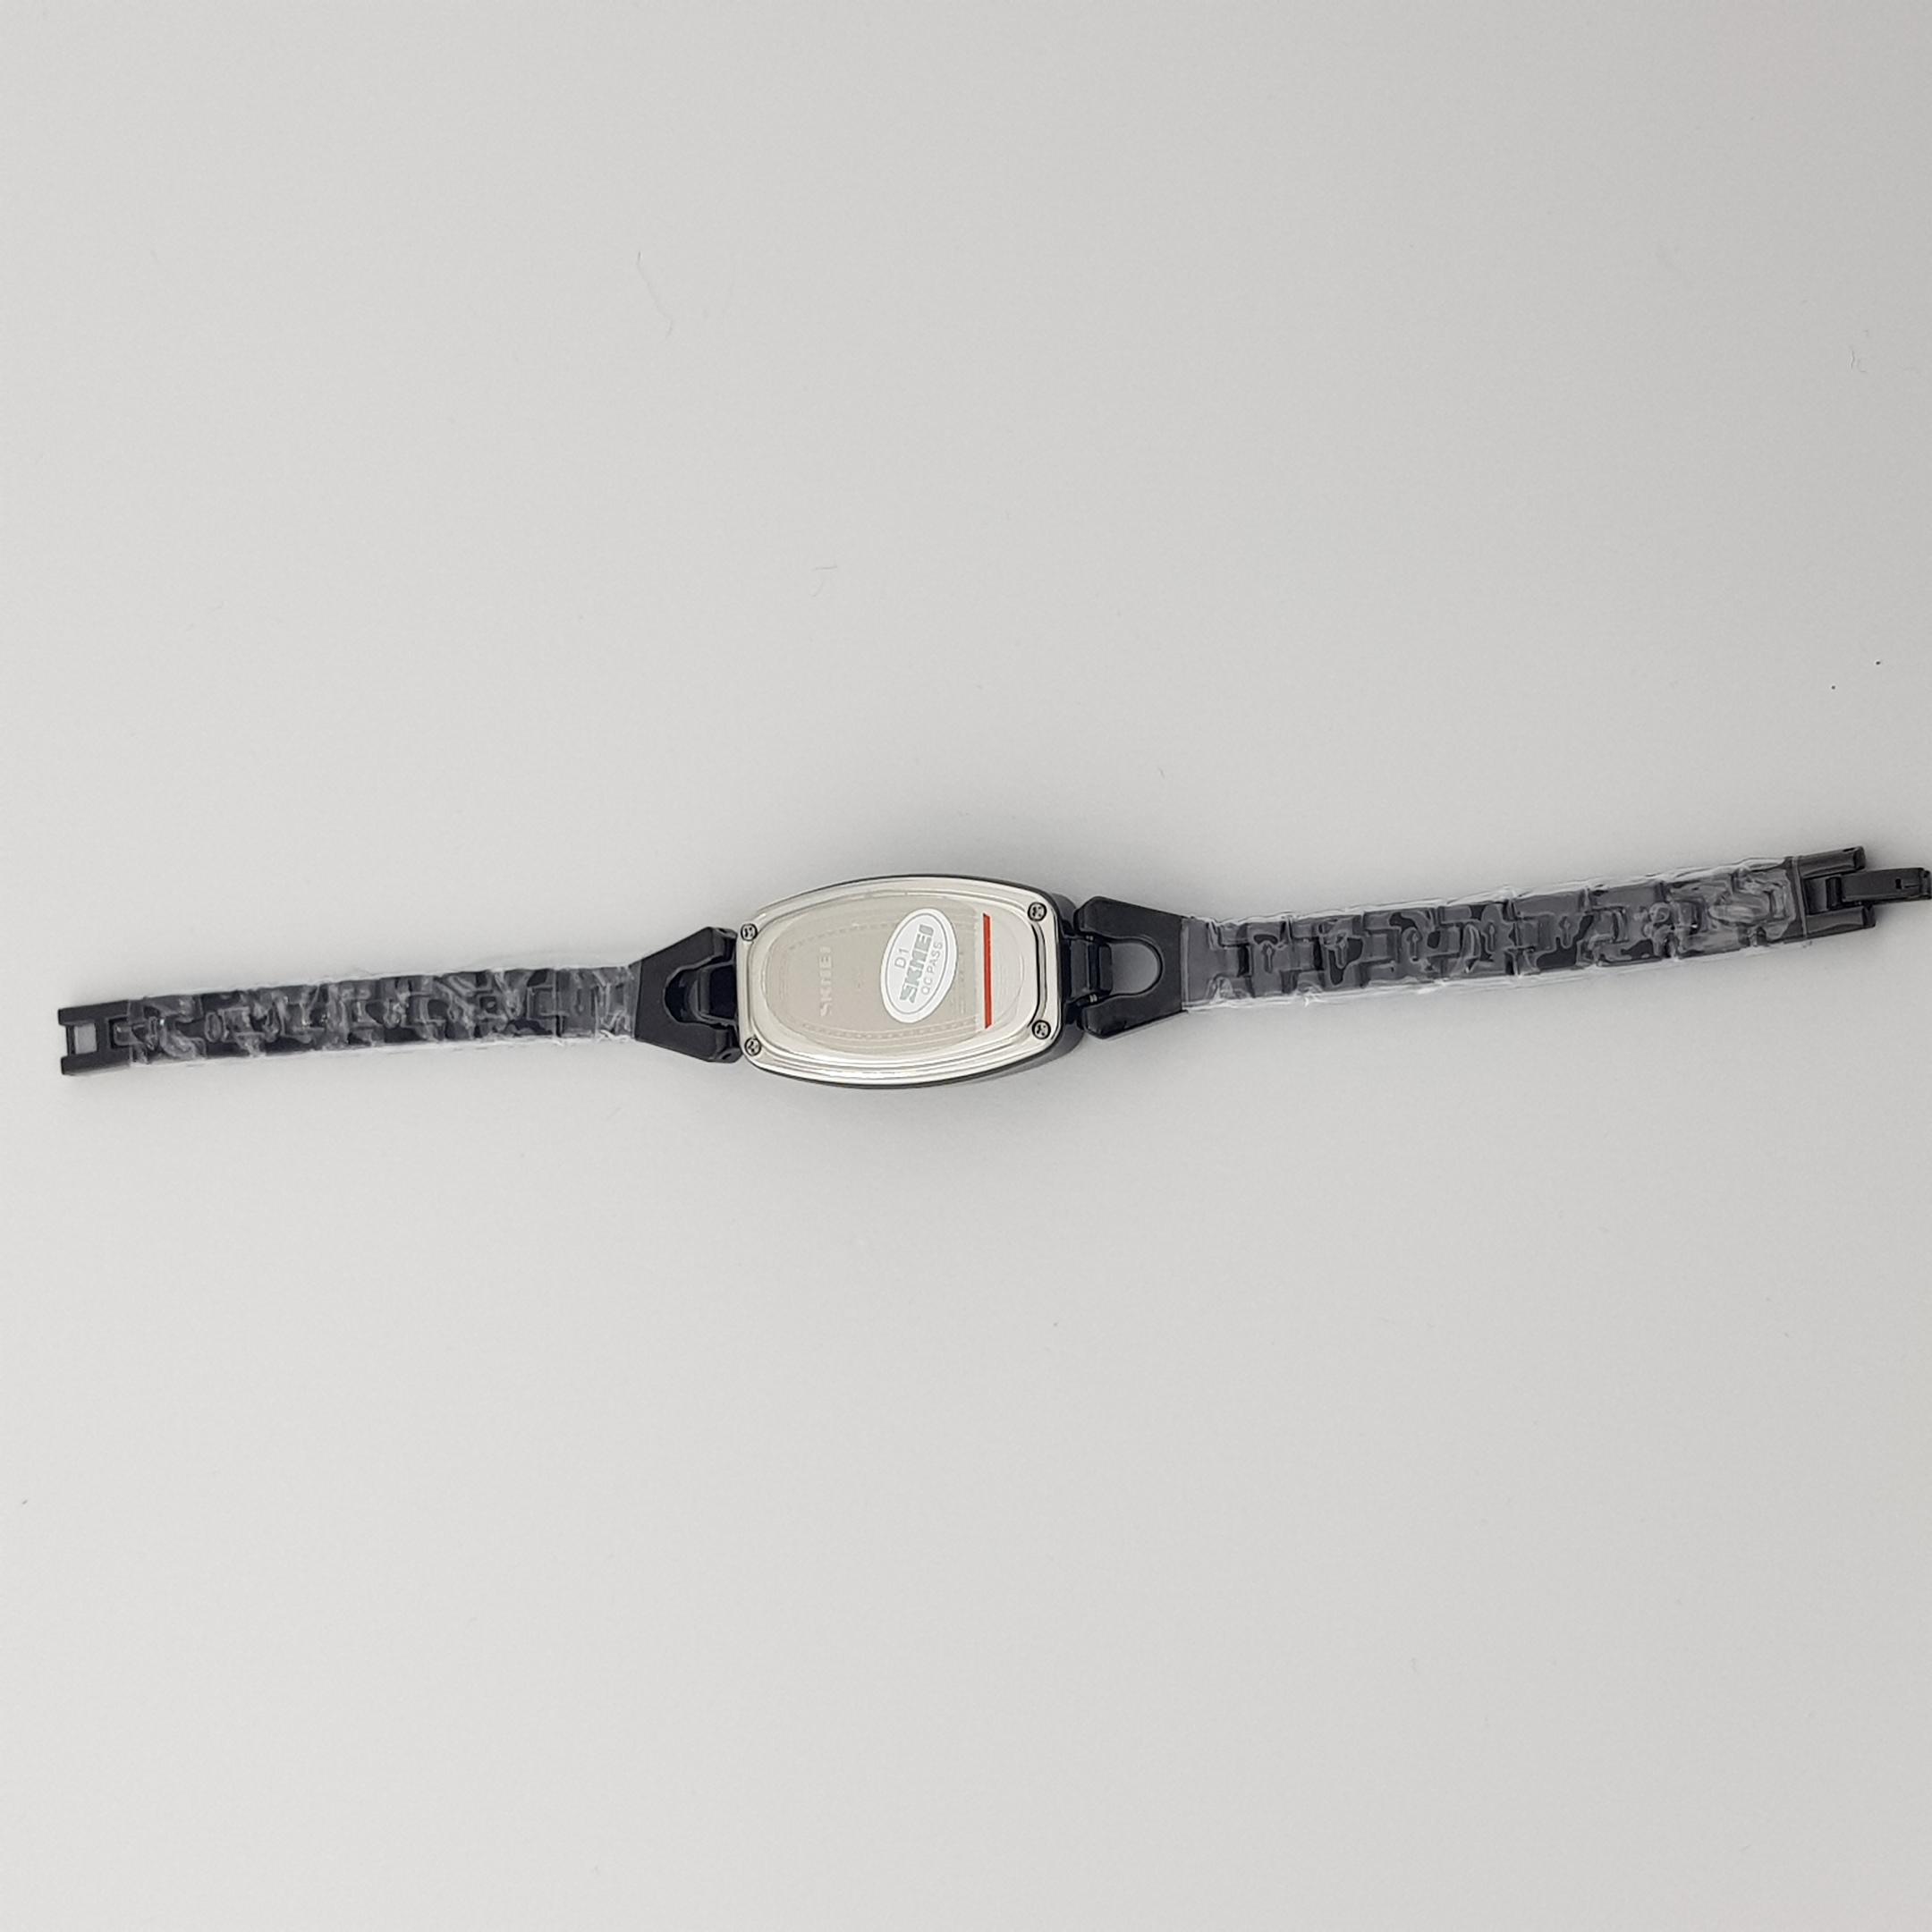 ساعت مچی دیجیتال زنانه اسکمی مدل 1588 کد 03              اصل